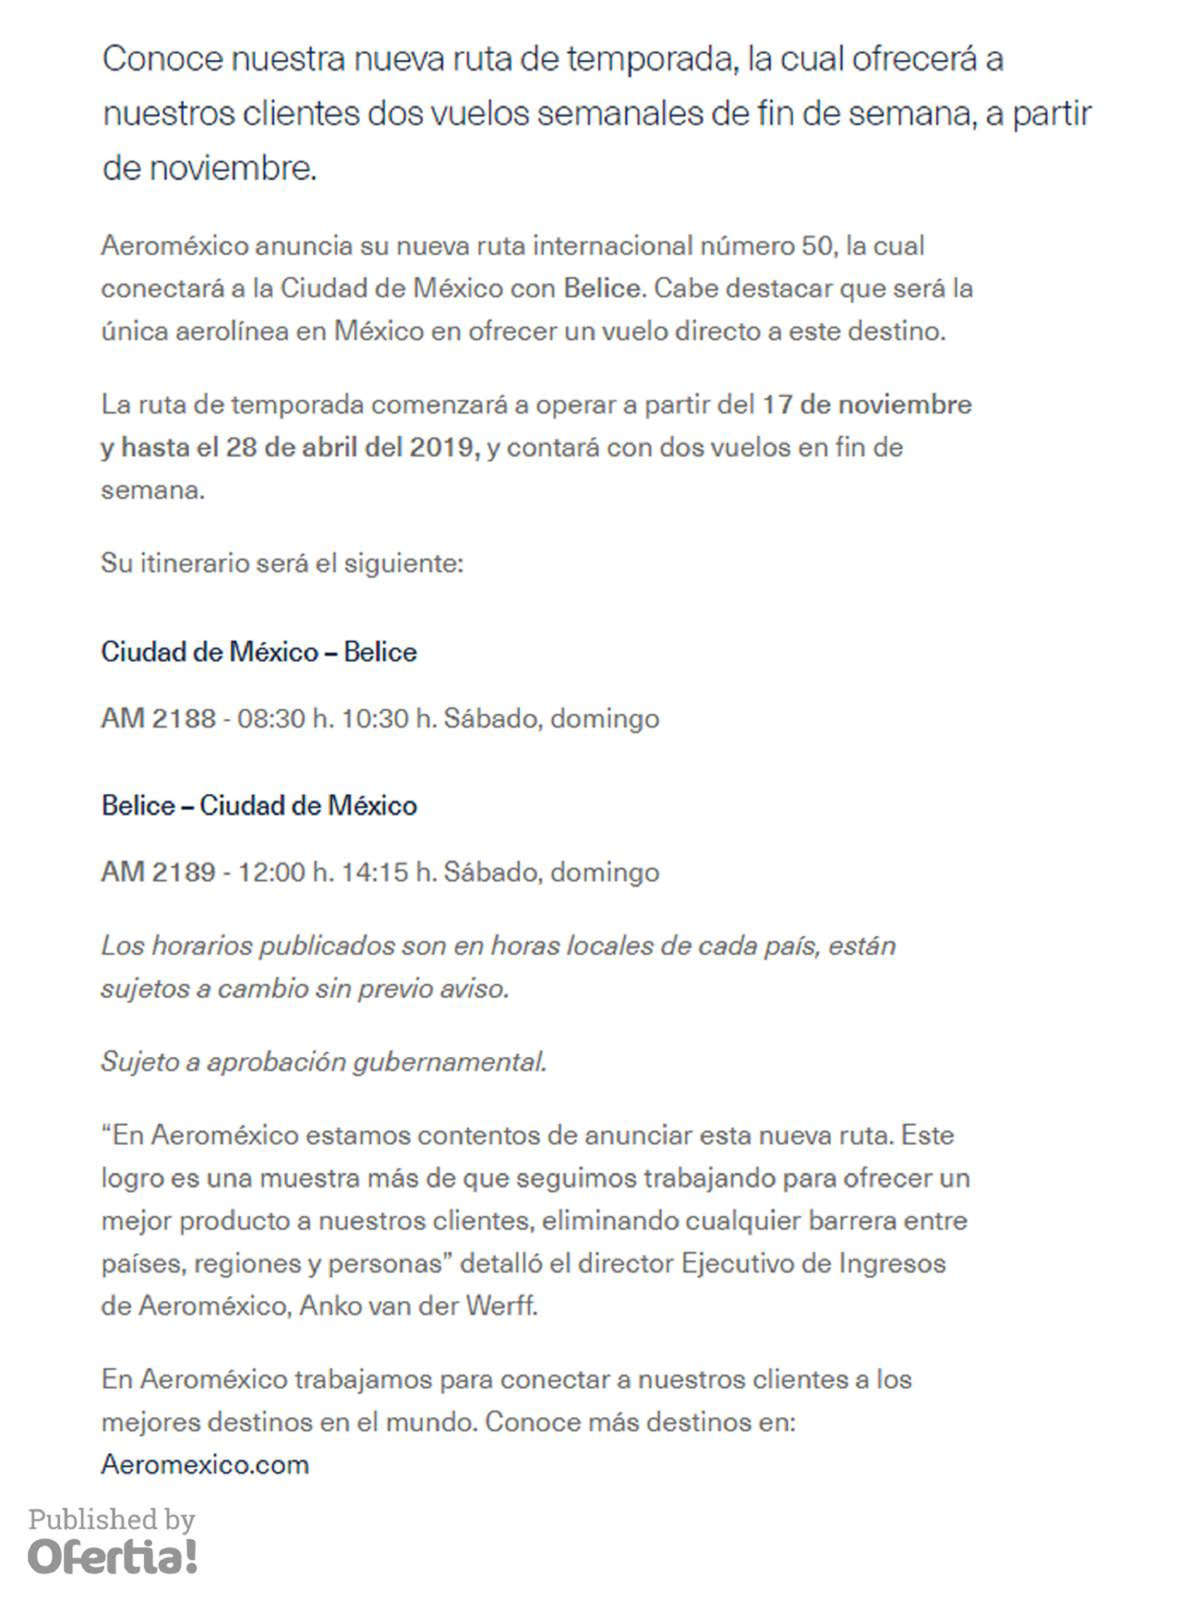 Tiendas Aeromexico - Horarios 62e5a8b941f